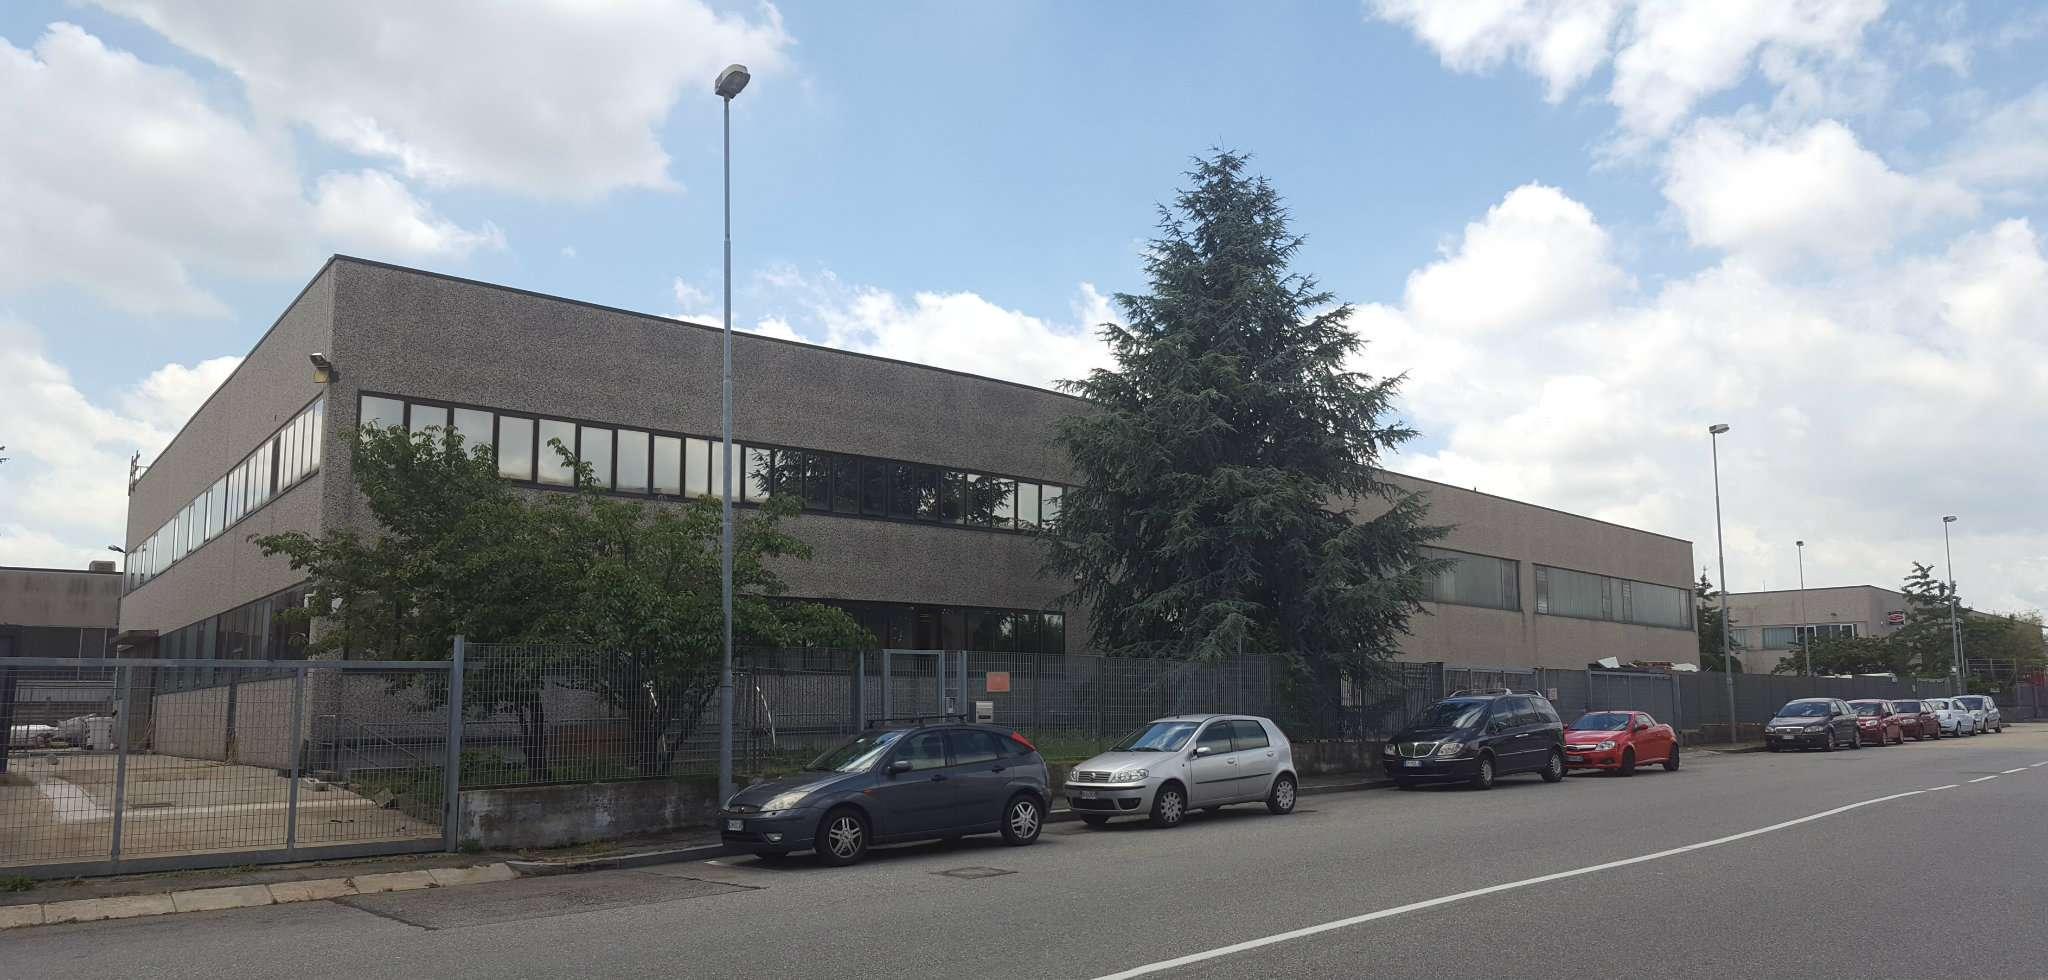 Capannone in vendita a Rivoli, 9999 locali, prezzo € 1.453.000 | CambioCasa.it